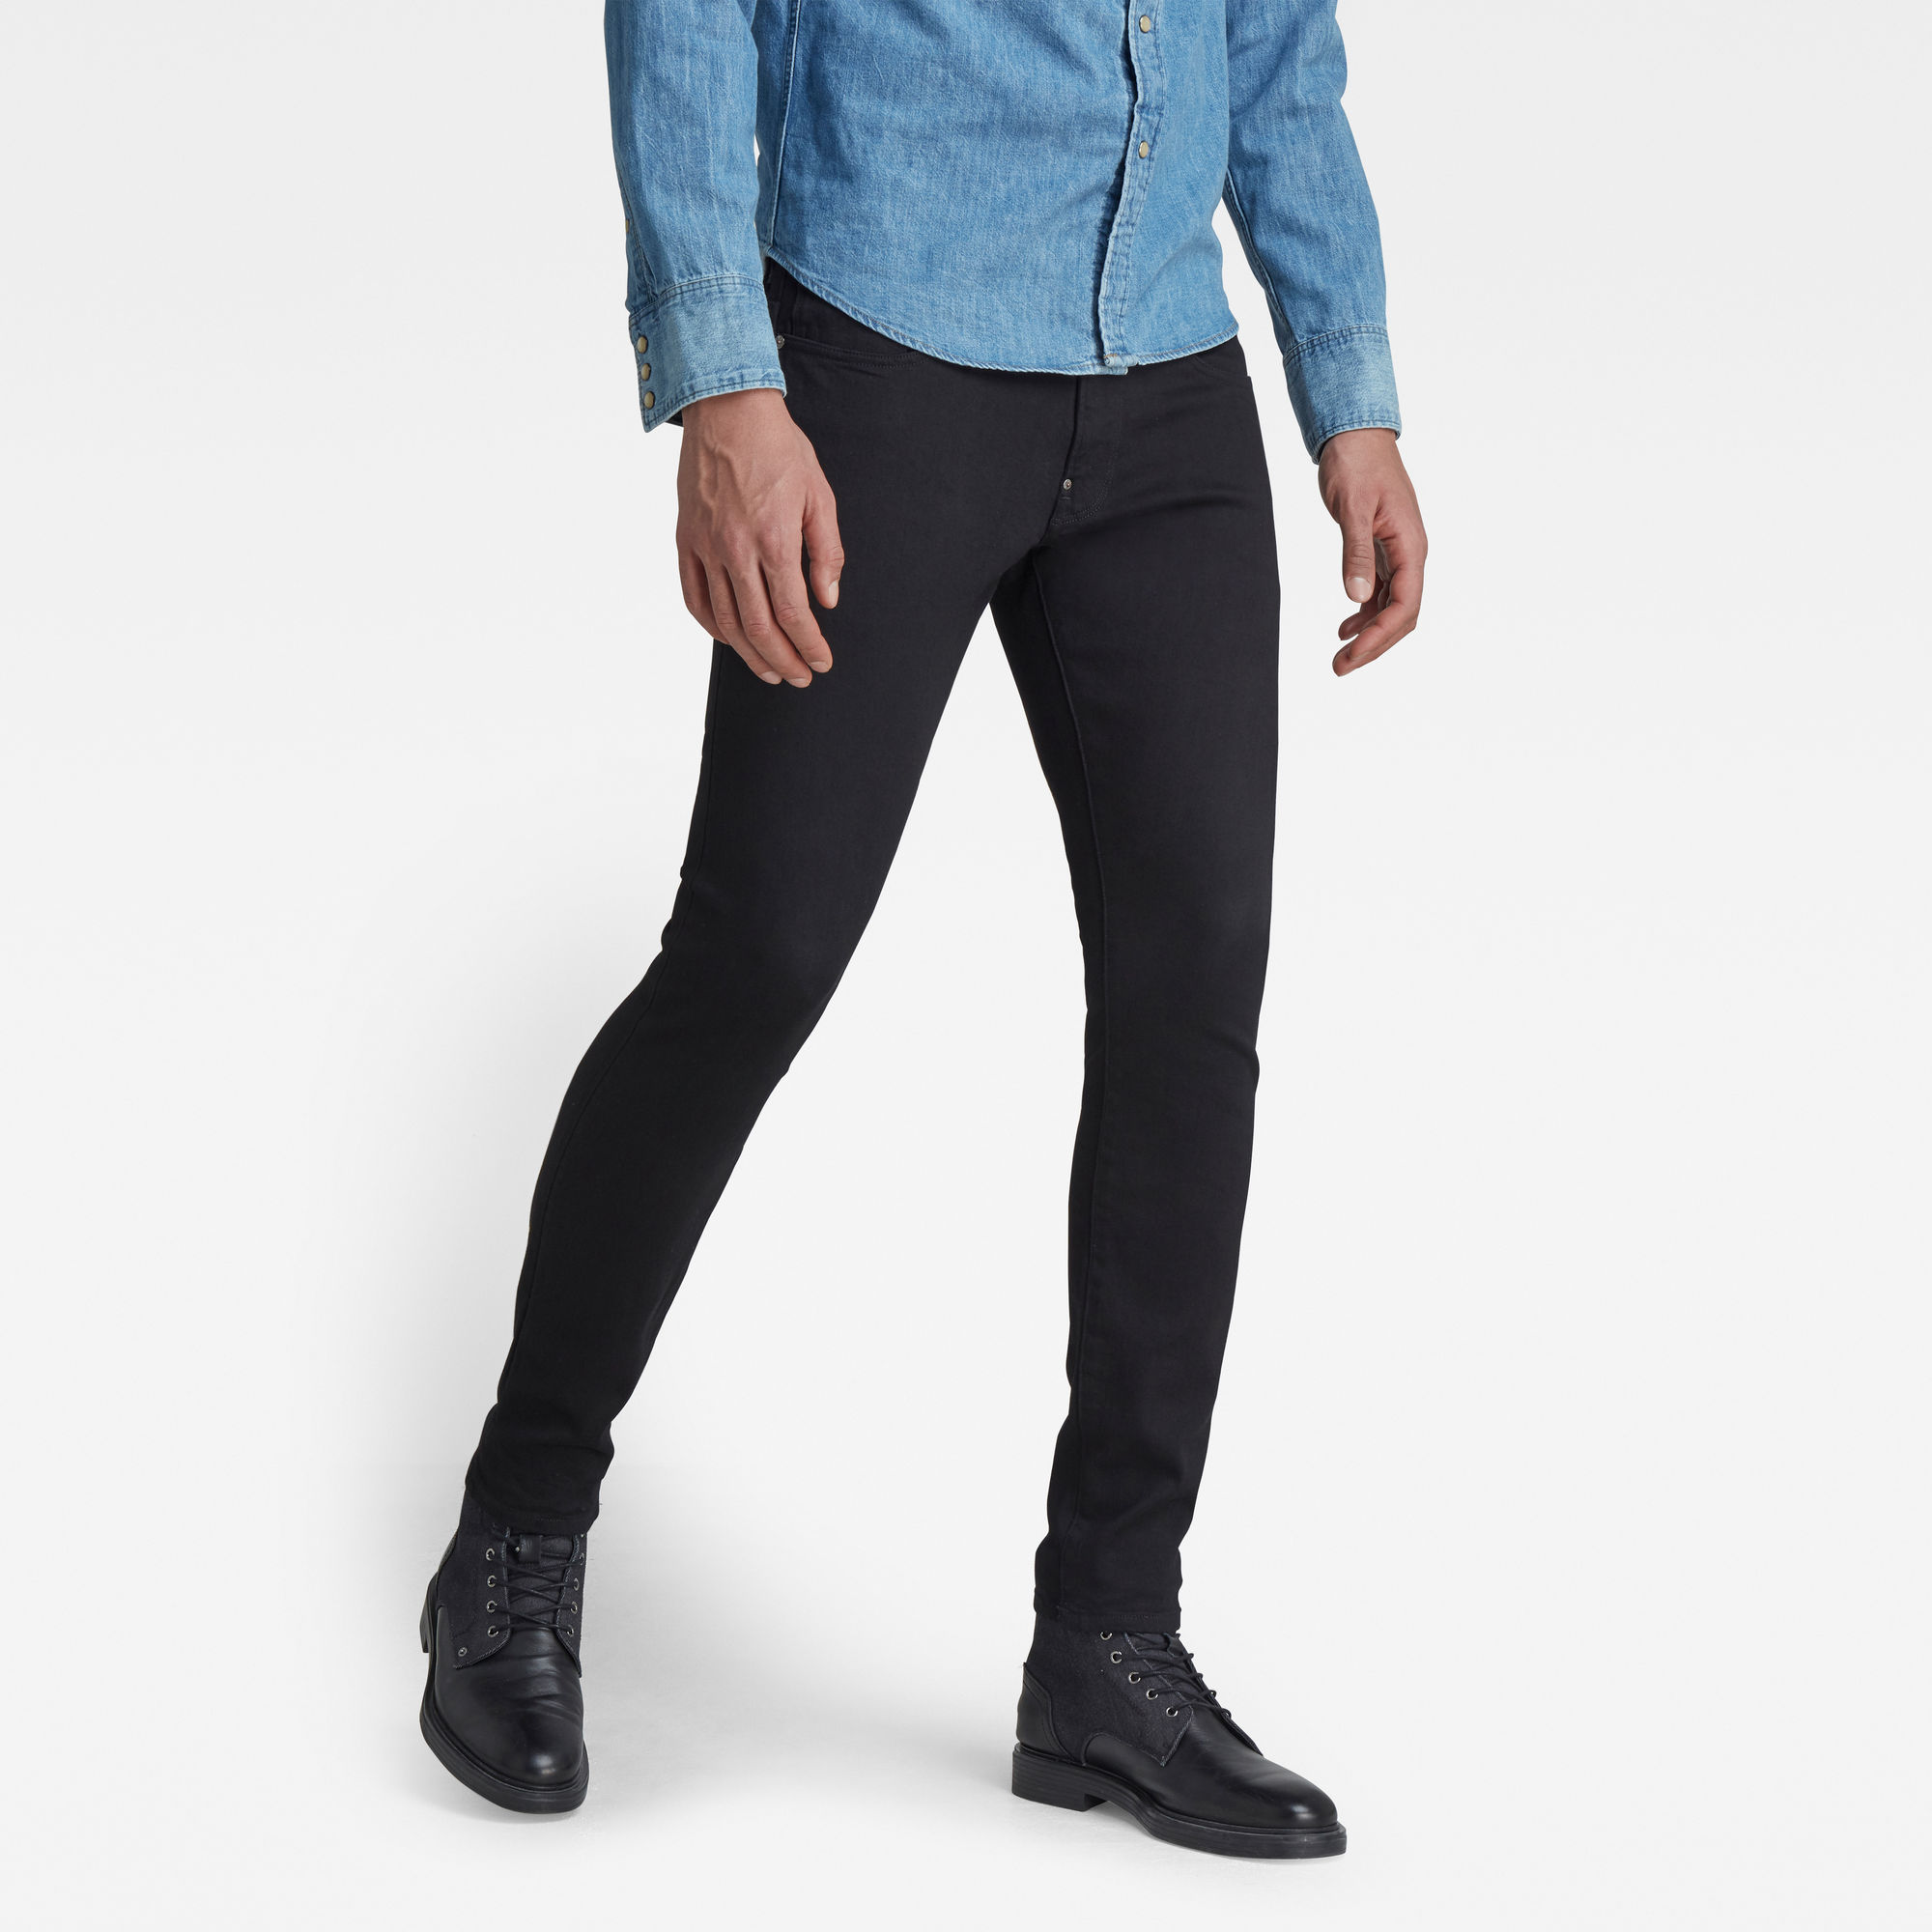 G-Star RAW Heren Revend Skinny Jeans Zwart